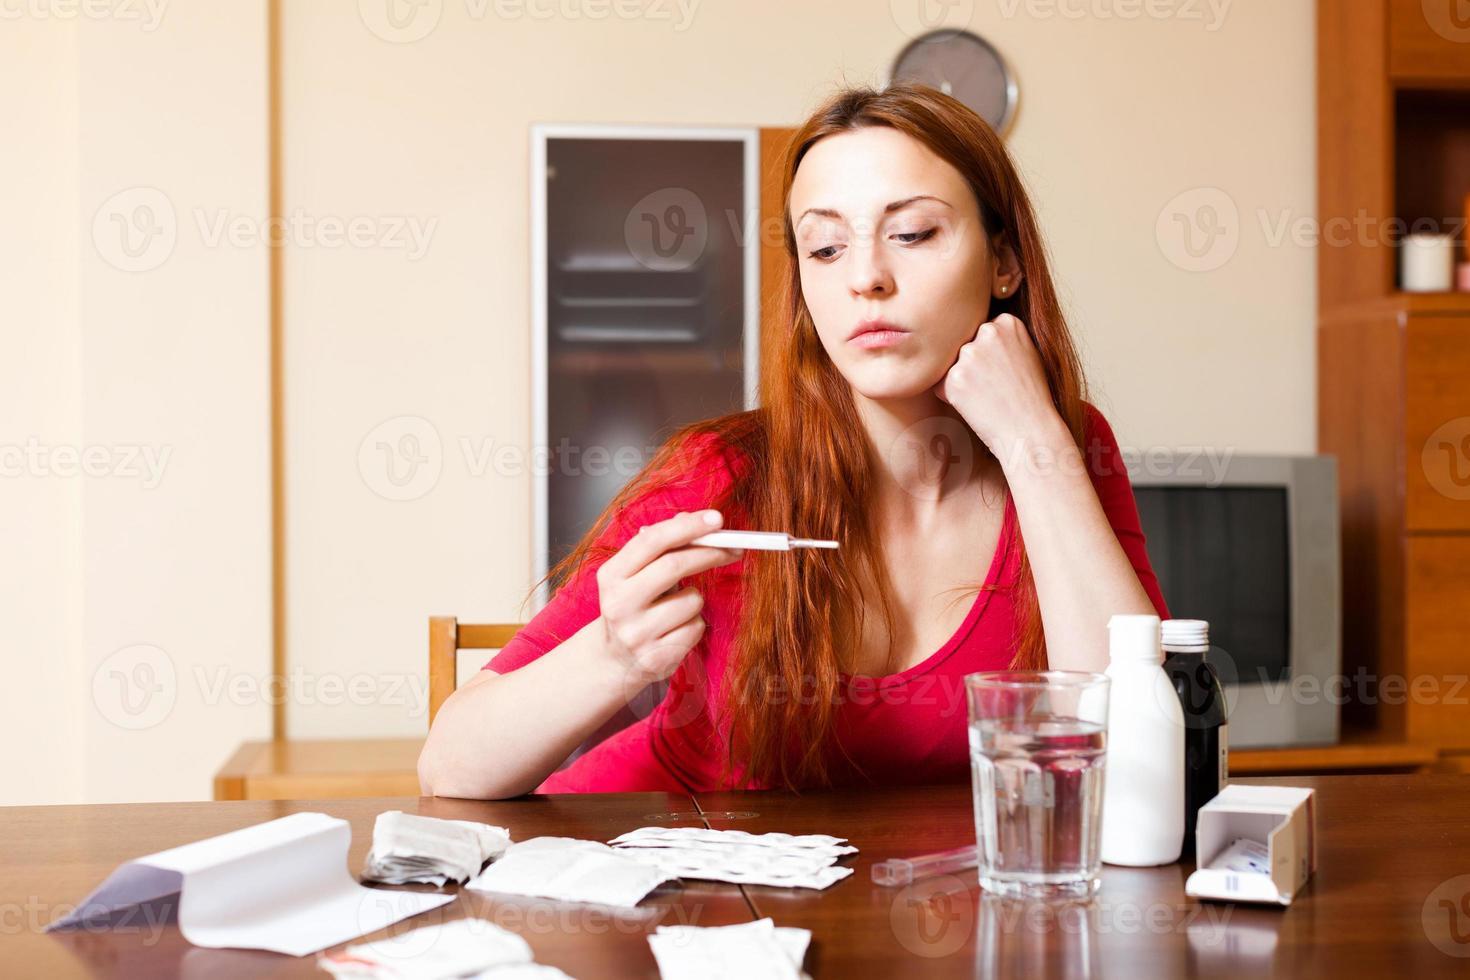 donna triste con termometro in salotto a casa foto